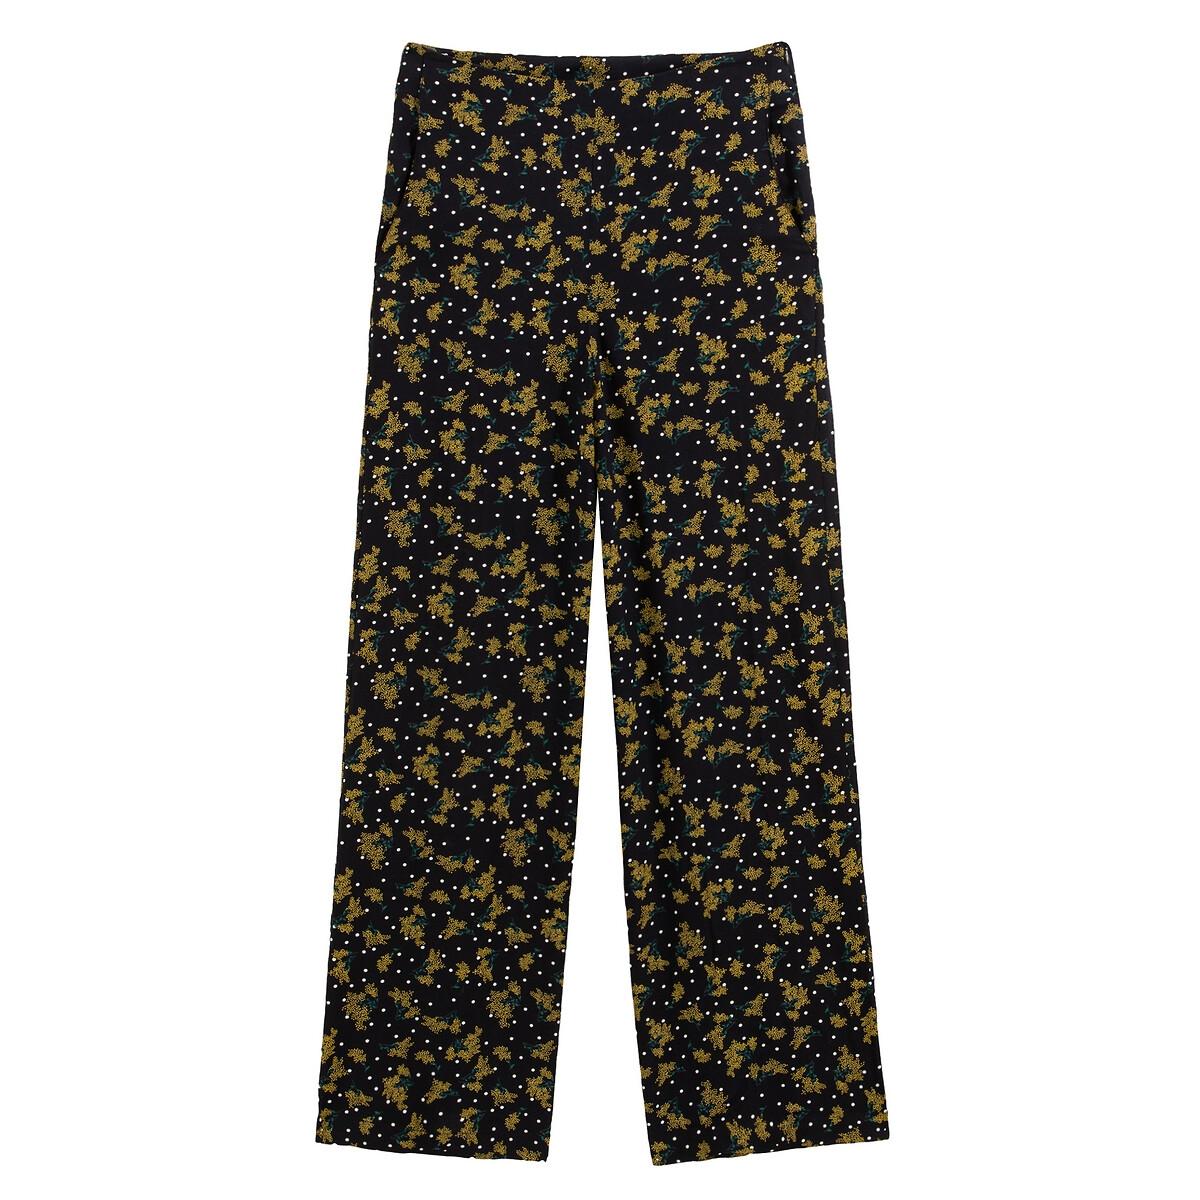 Pantalón ancho con estampado de flores